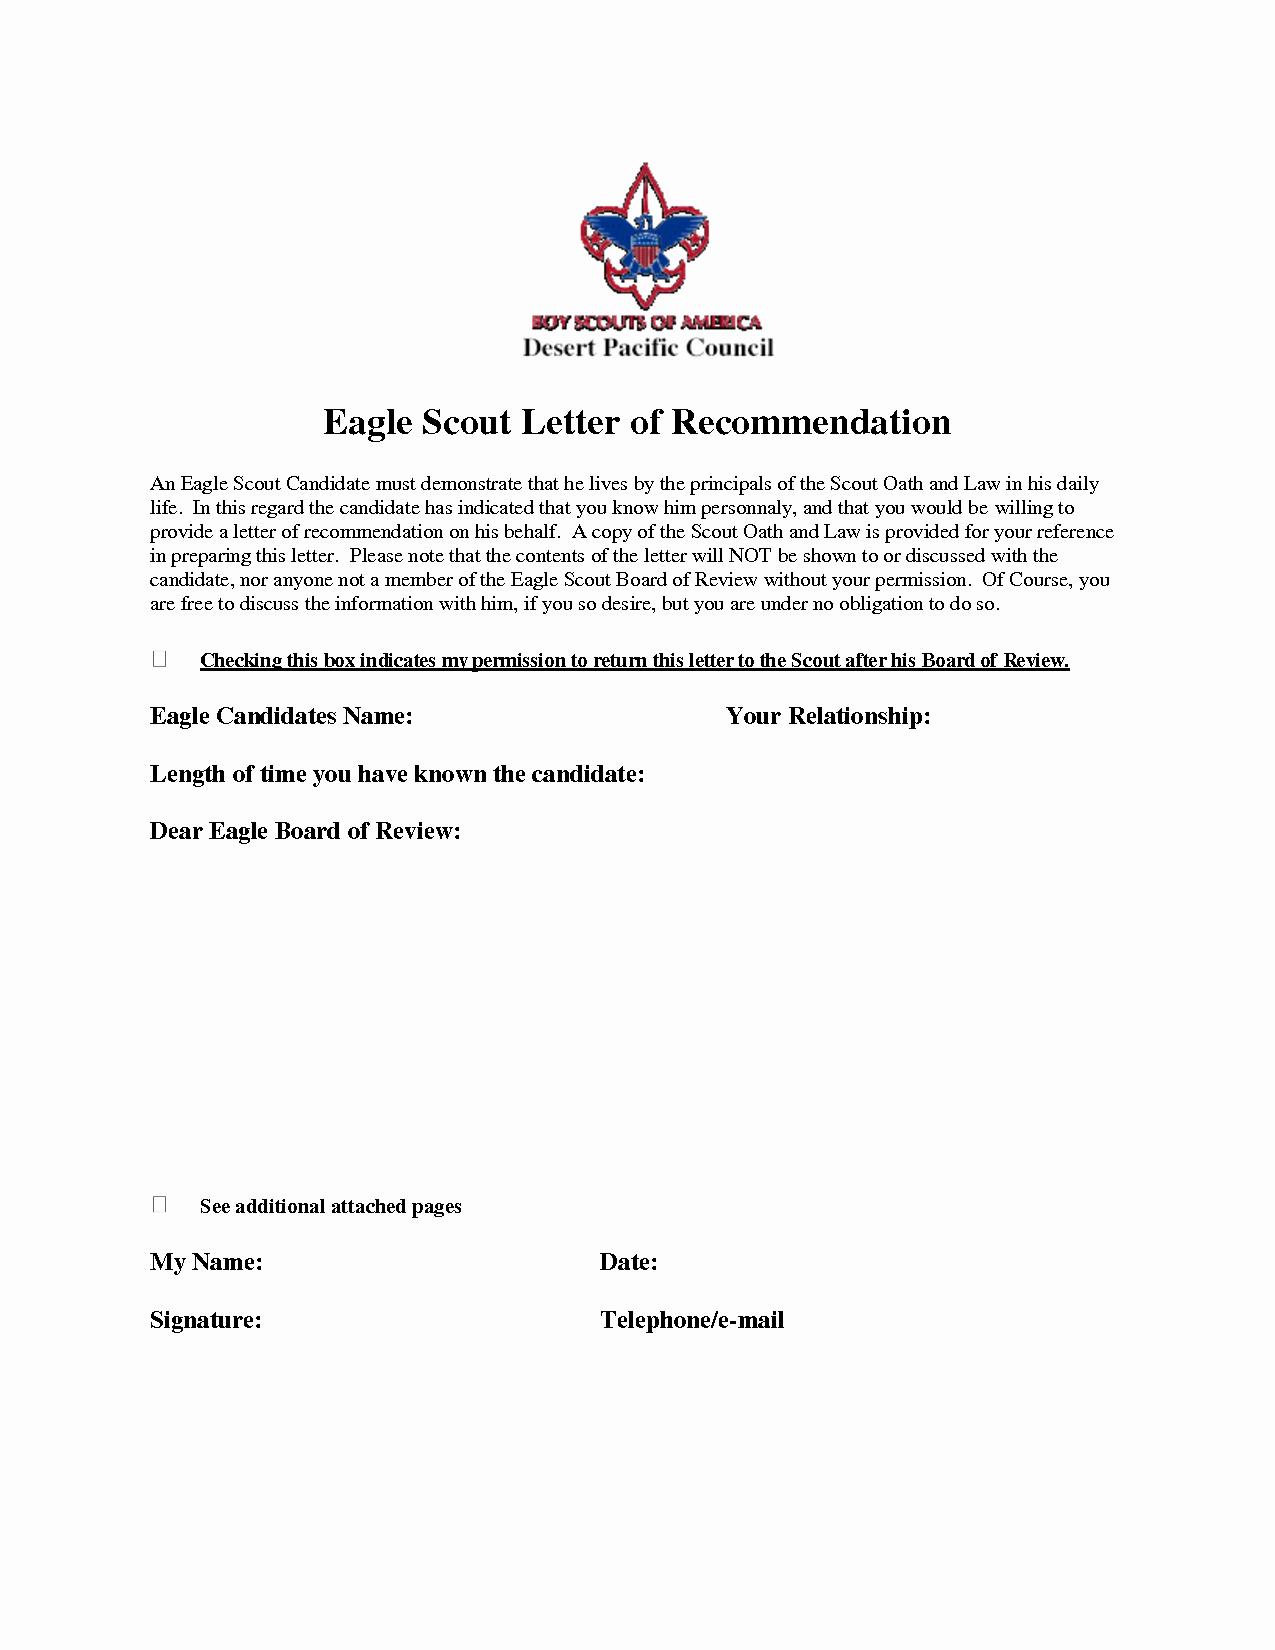 Religious Recommendation Letter Sample Elegant Eagle Scout Re Mendation Letter Sample